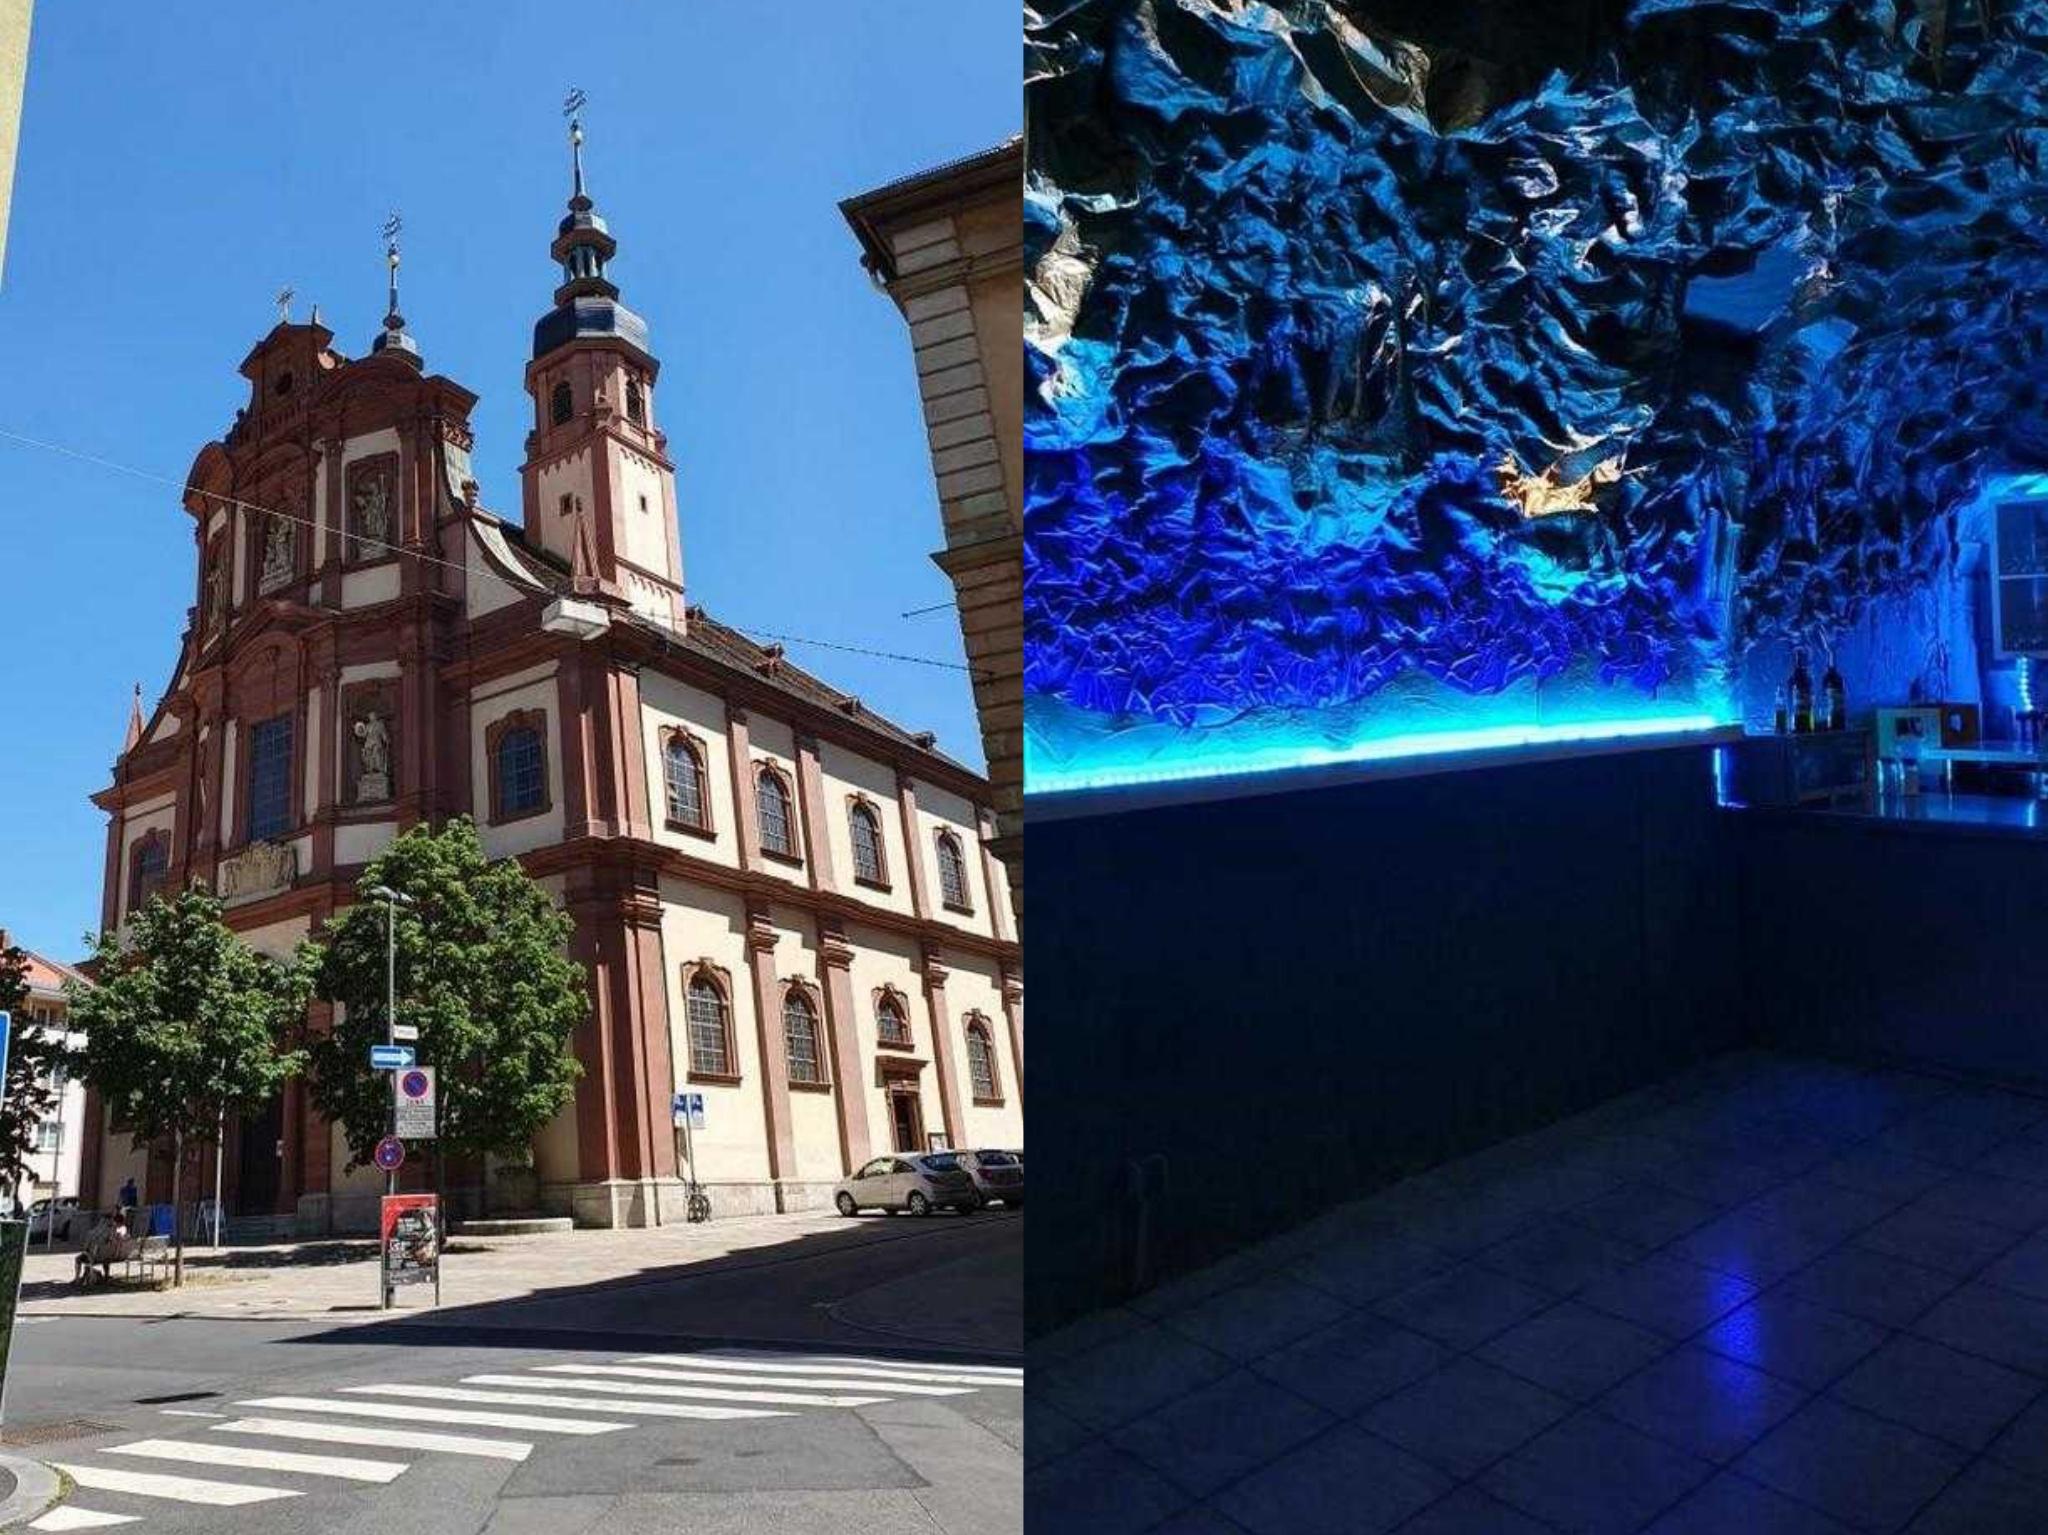 Die Kirche St. Peter und Paul und die älteste Pizzeria Deutschlands gehören zum Peter Viertel. Foto: Jessica Hänse/ Sarah Willer